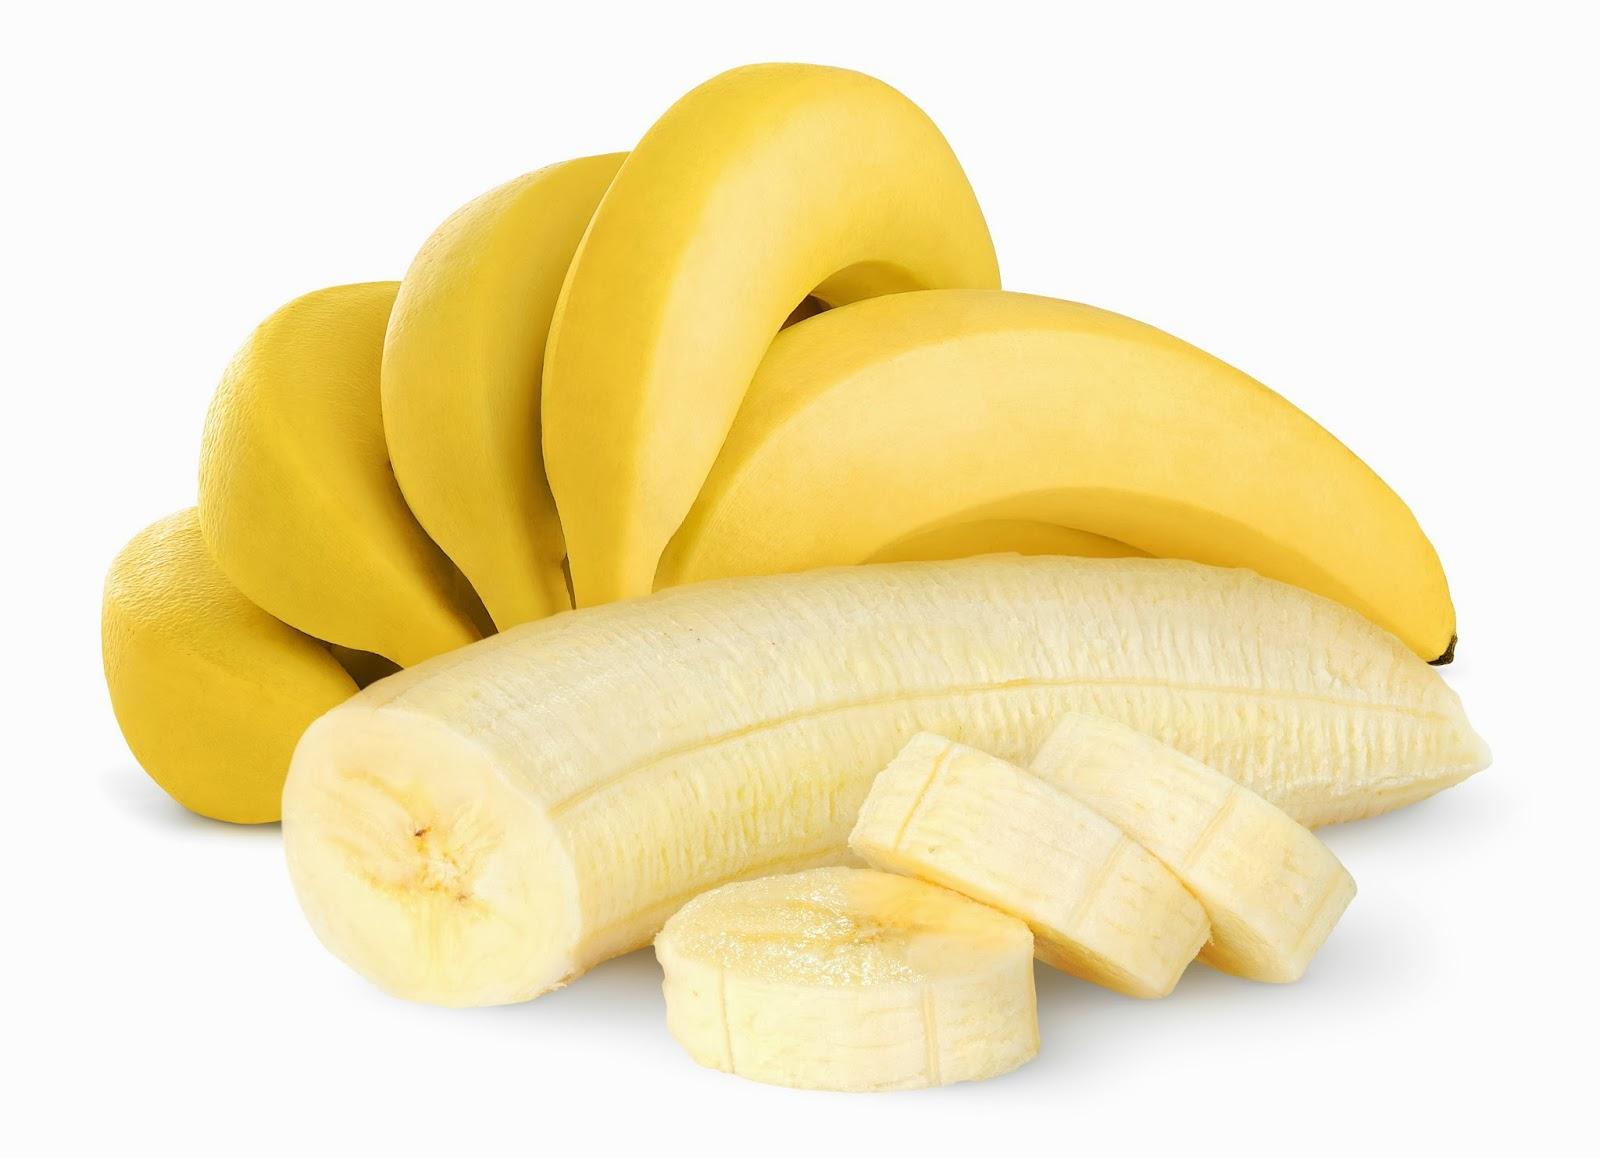 Chuối có khả năng điều chỉnh độ đàn hồi và gắn kết da nhờ giàu chất chống oxy hóa, vitamin C, B6